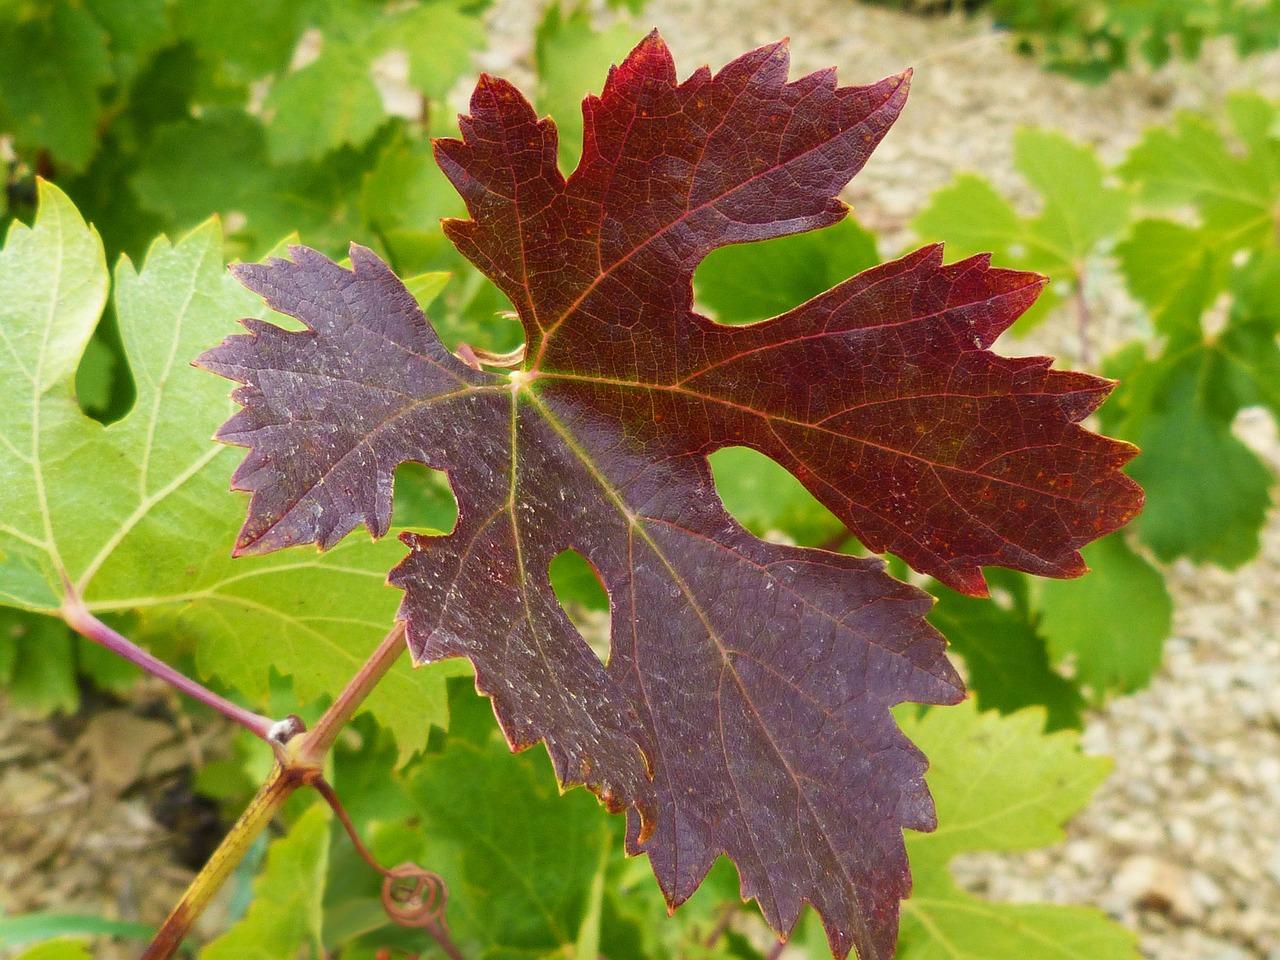 фото листа винограда затрагивают самые разные